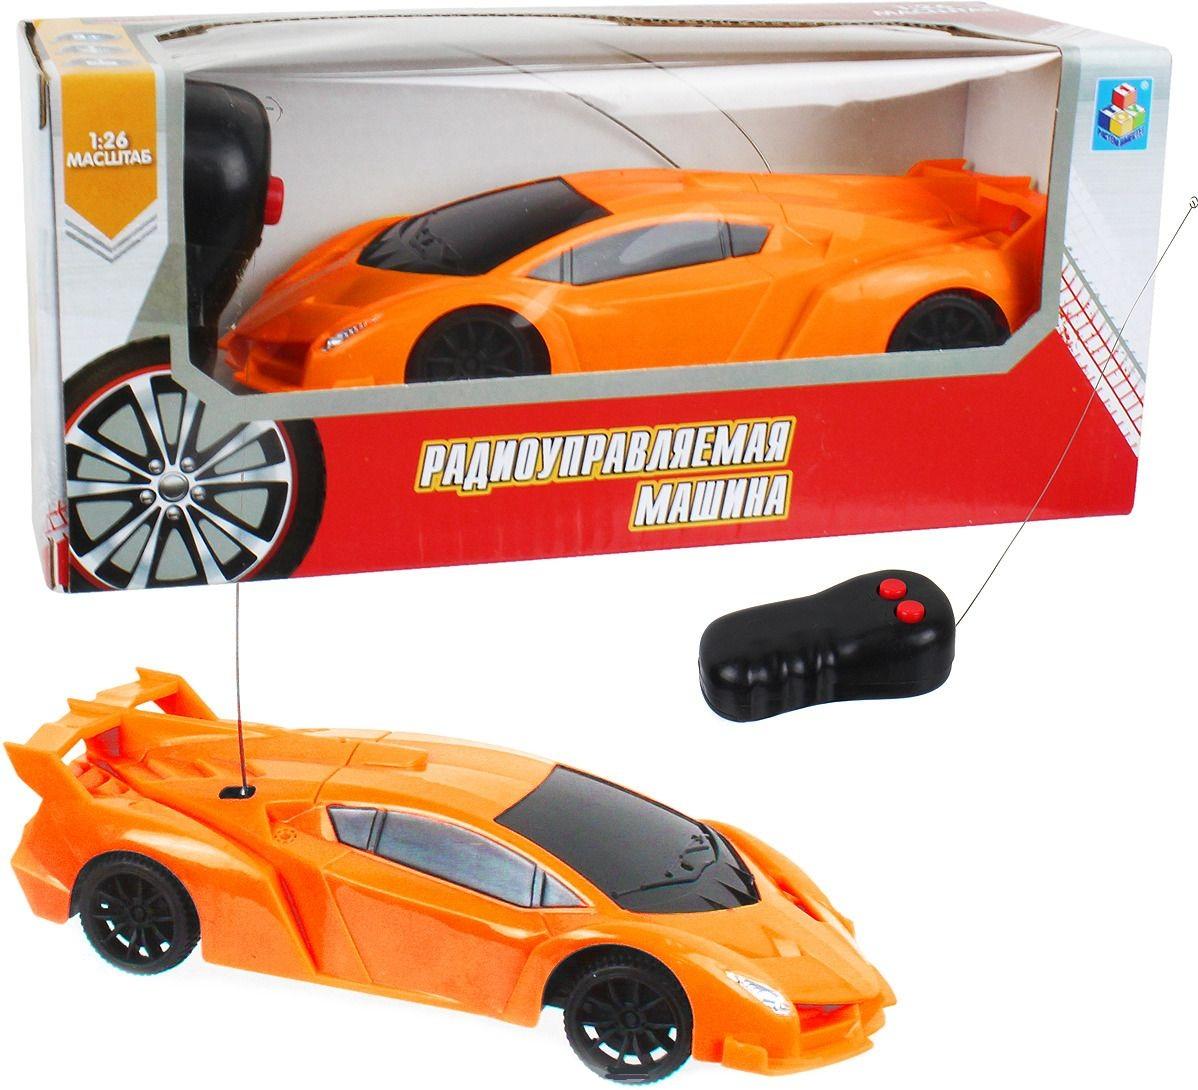 картинка Машина Спортавто на радиоуправлении, масштаб 1:26, 27 МГц, 17 см, 2 канала, оранжевая от магазина Bebikam.ru